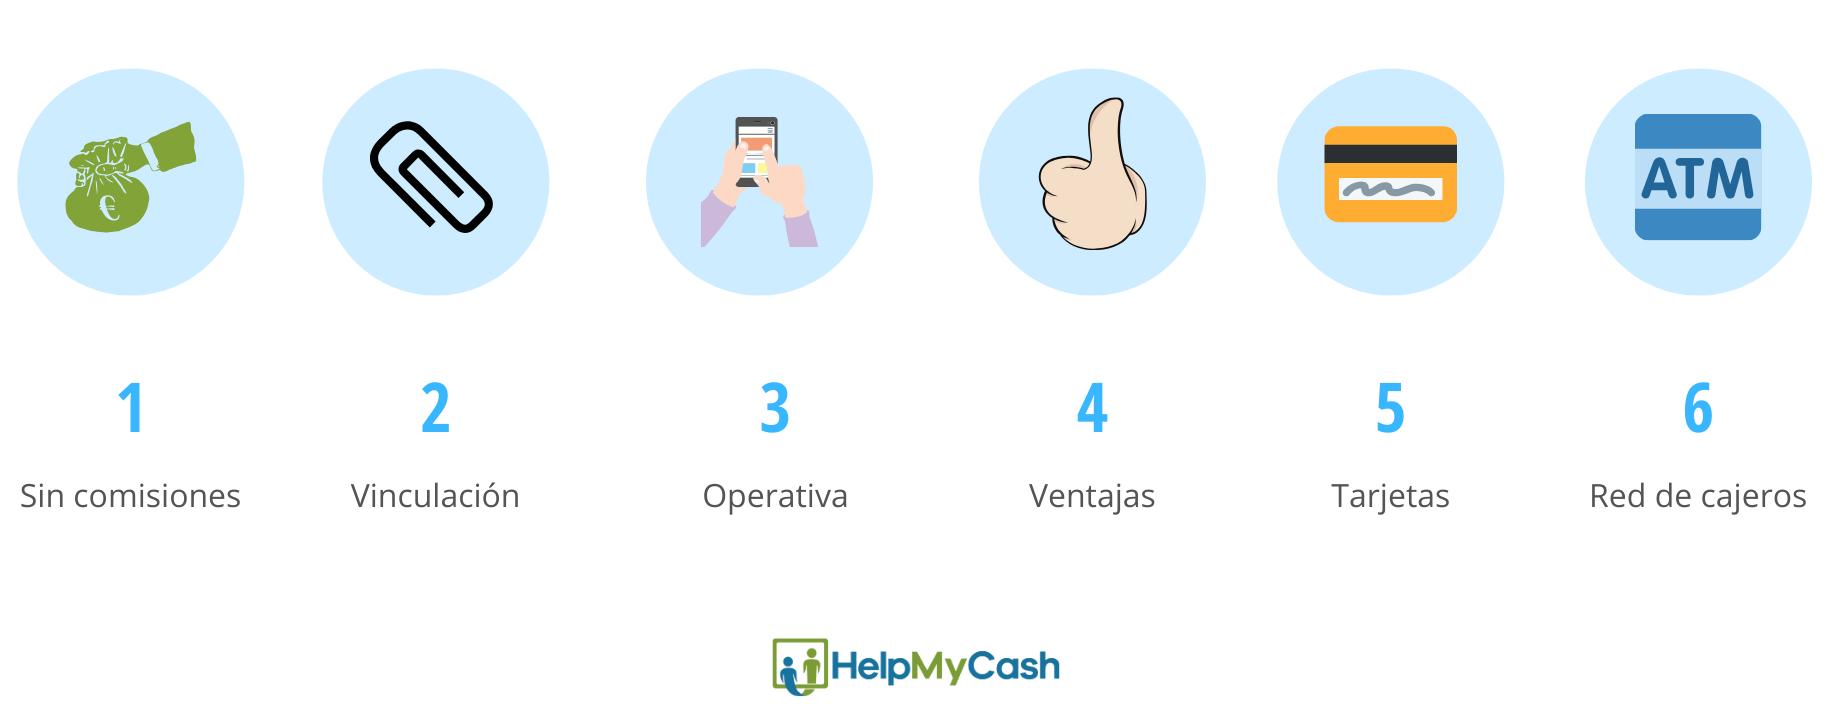 Escoger cuenta sin nómina. 1- comisiones bancarias. 2- vinculación. 3- operativa. 4- ventajas adicionales. 5- tarjetas. 6- red de cajeros.